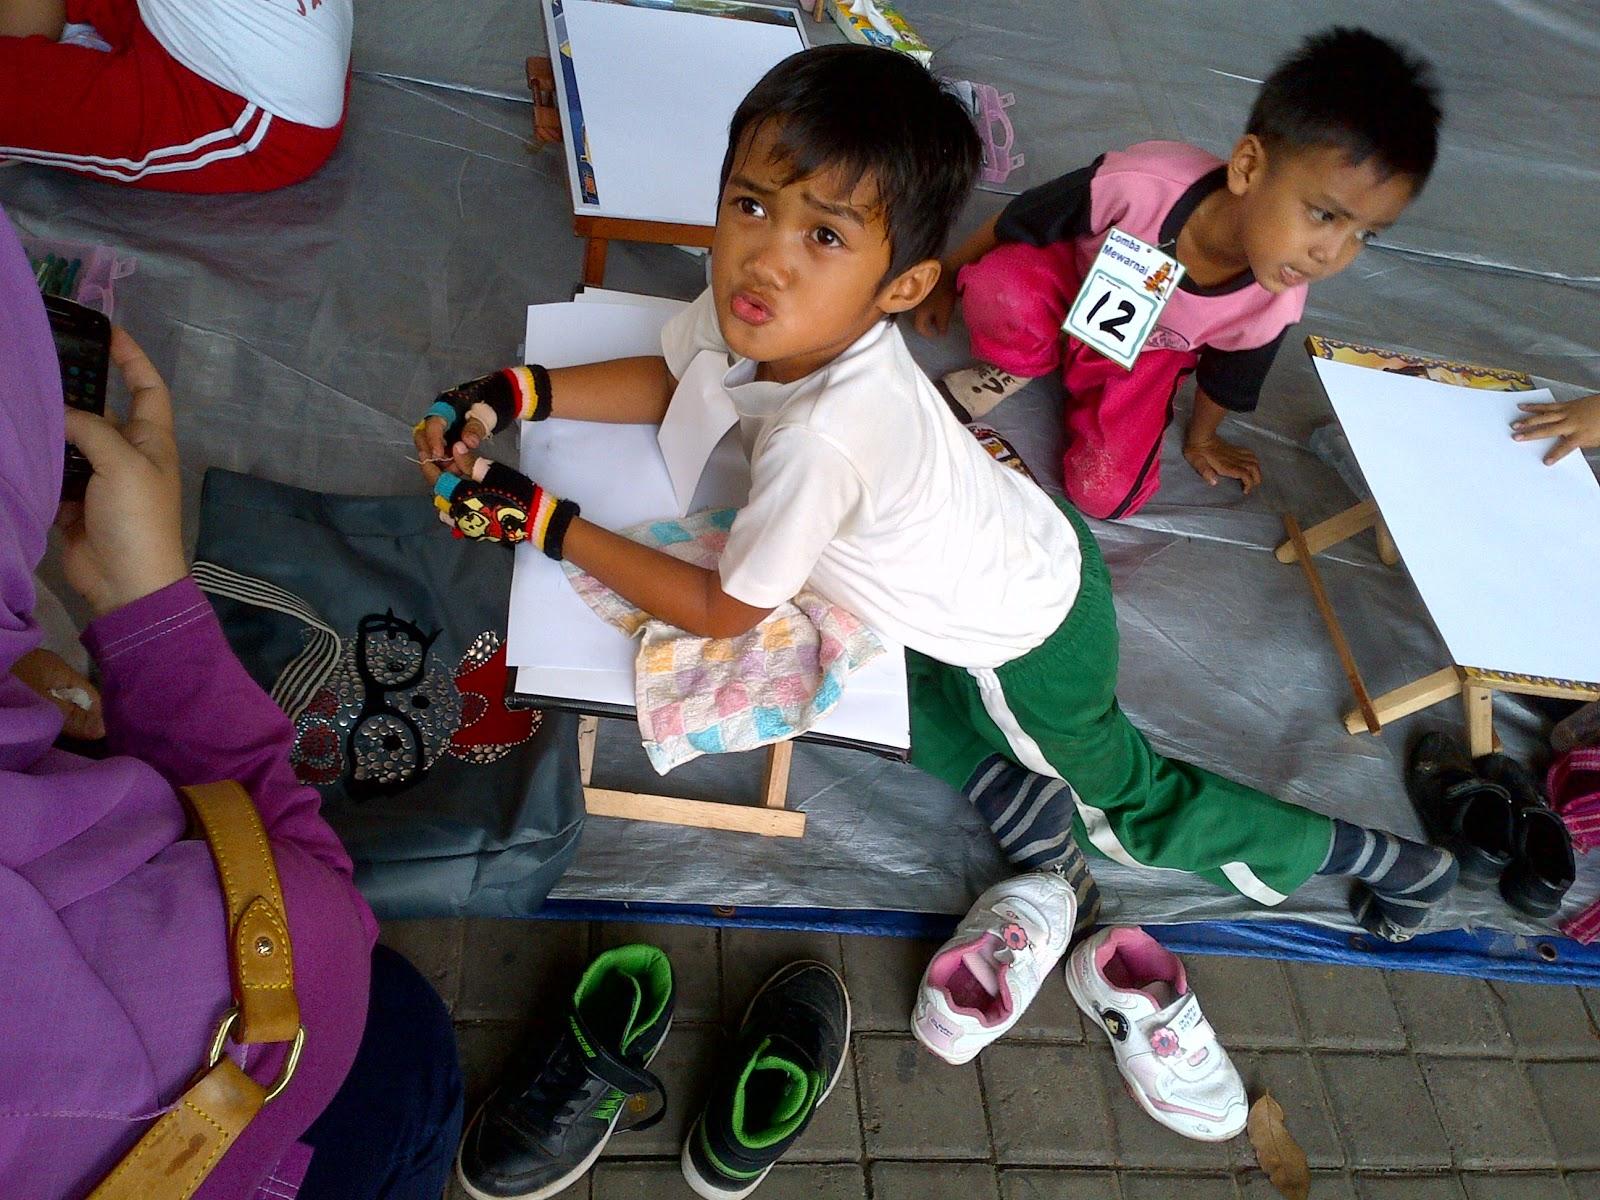 Andal dan 1 orang temannya mewakili wilayah Jakarta Selatan mengikuti lomba mewarnai dan 1 orang lagi mengikuti lomba melukis Peserta lomba mewarnai kurang